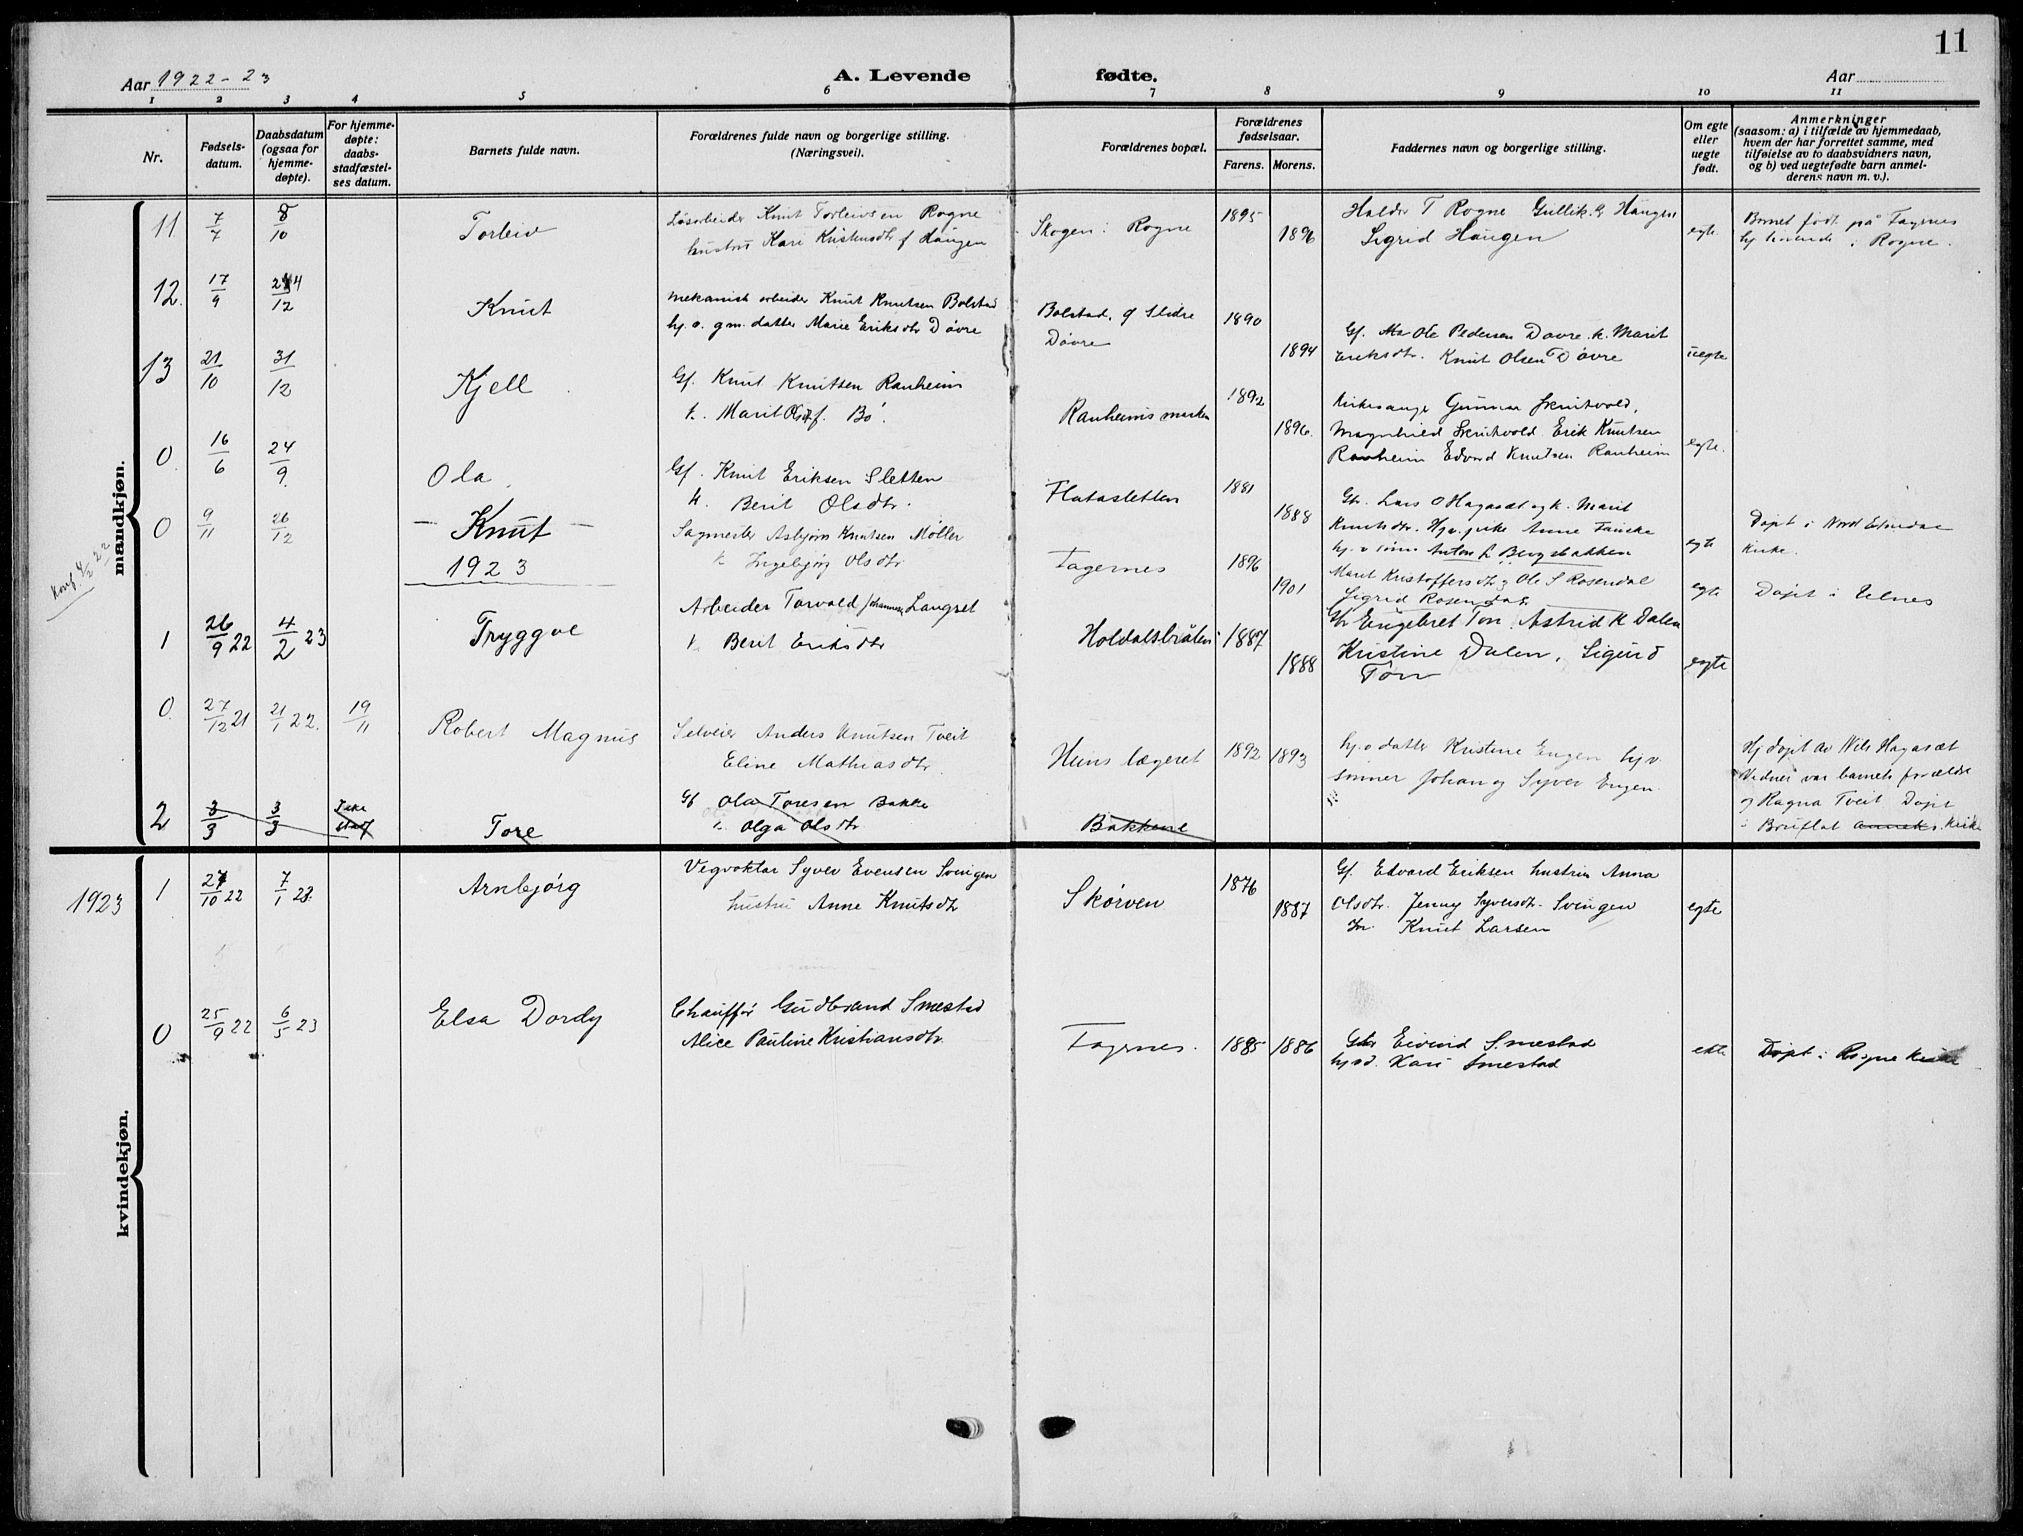 SAH, Nord-Aurdal prestekontor, Klokkerbok nr. 15, 1918-1935, s. 11